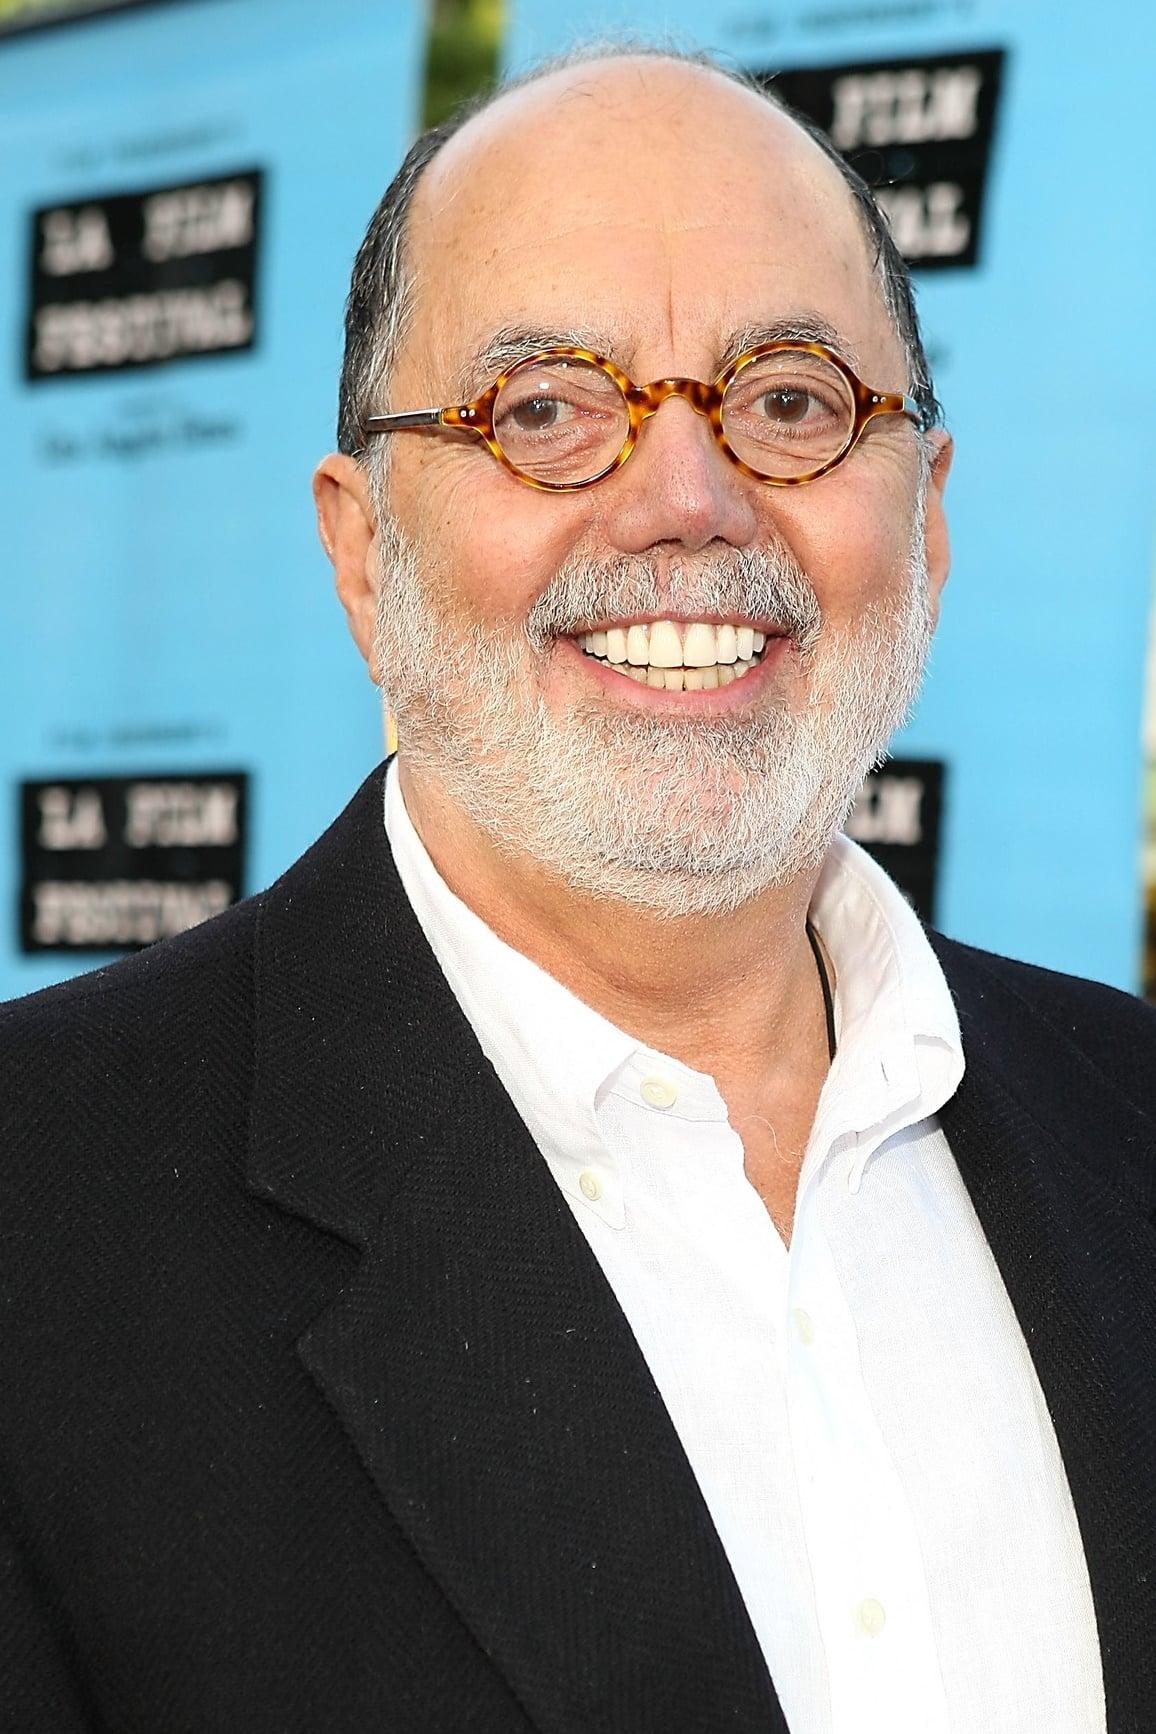 actor Peter midget